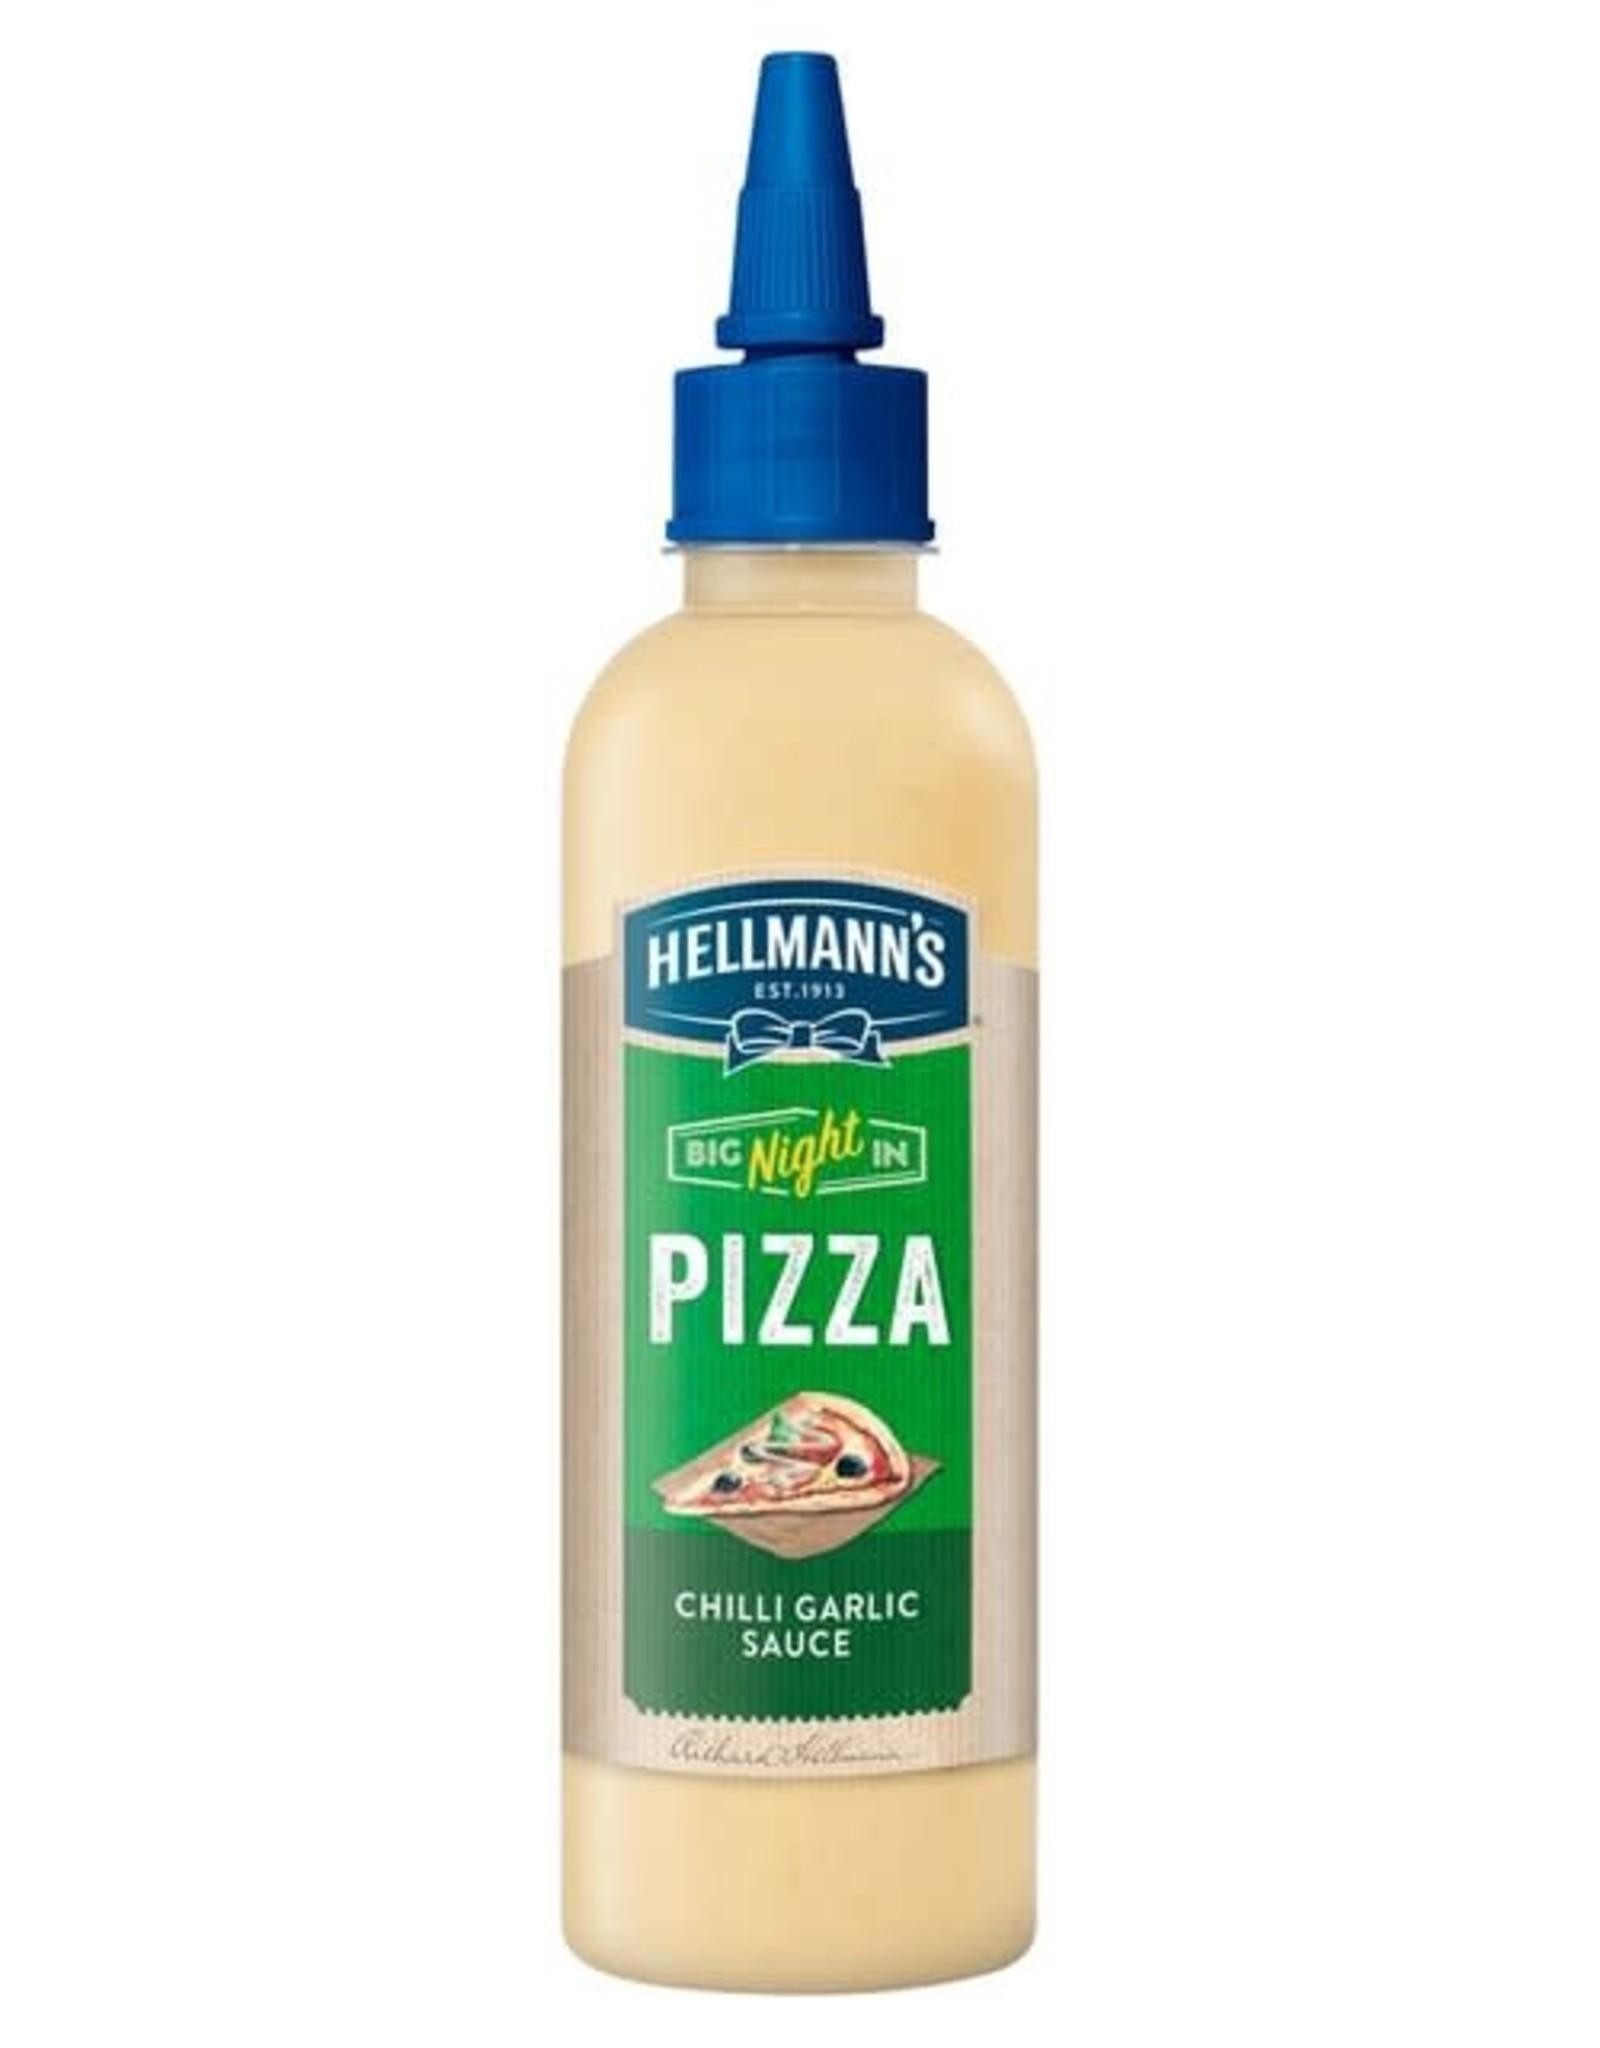 Hellmanns Hellmann's Pizza Chilli Garlic Sauce 216 g